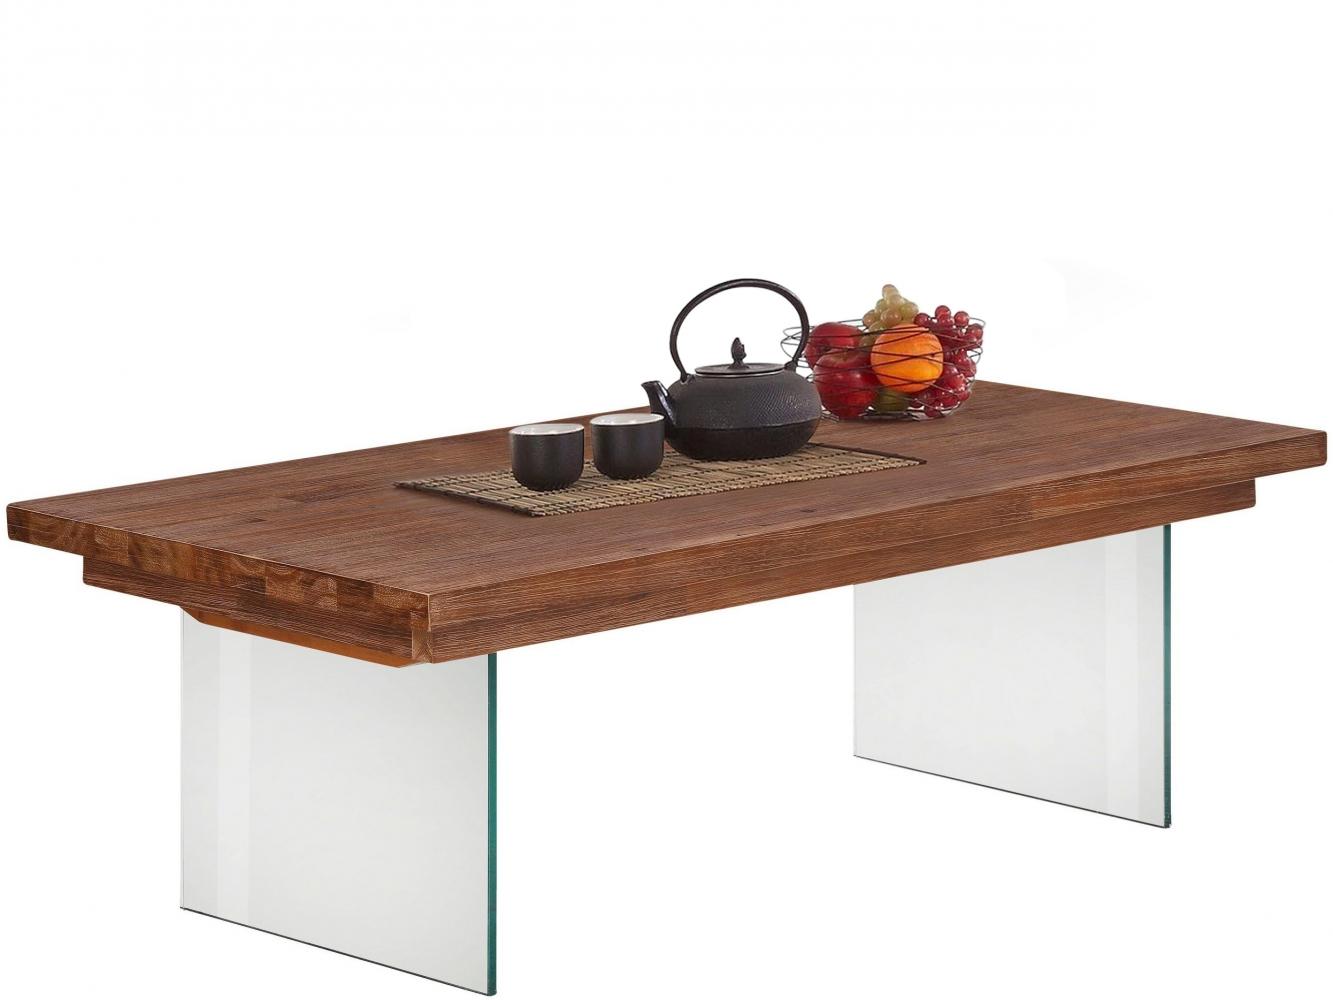 Konferenční stolek Vive, 120 cm, hnědá